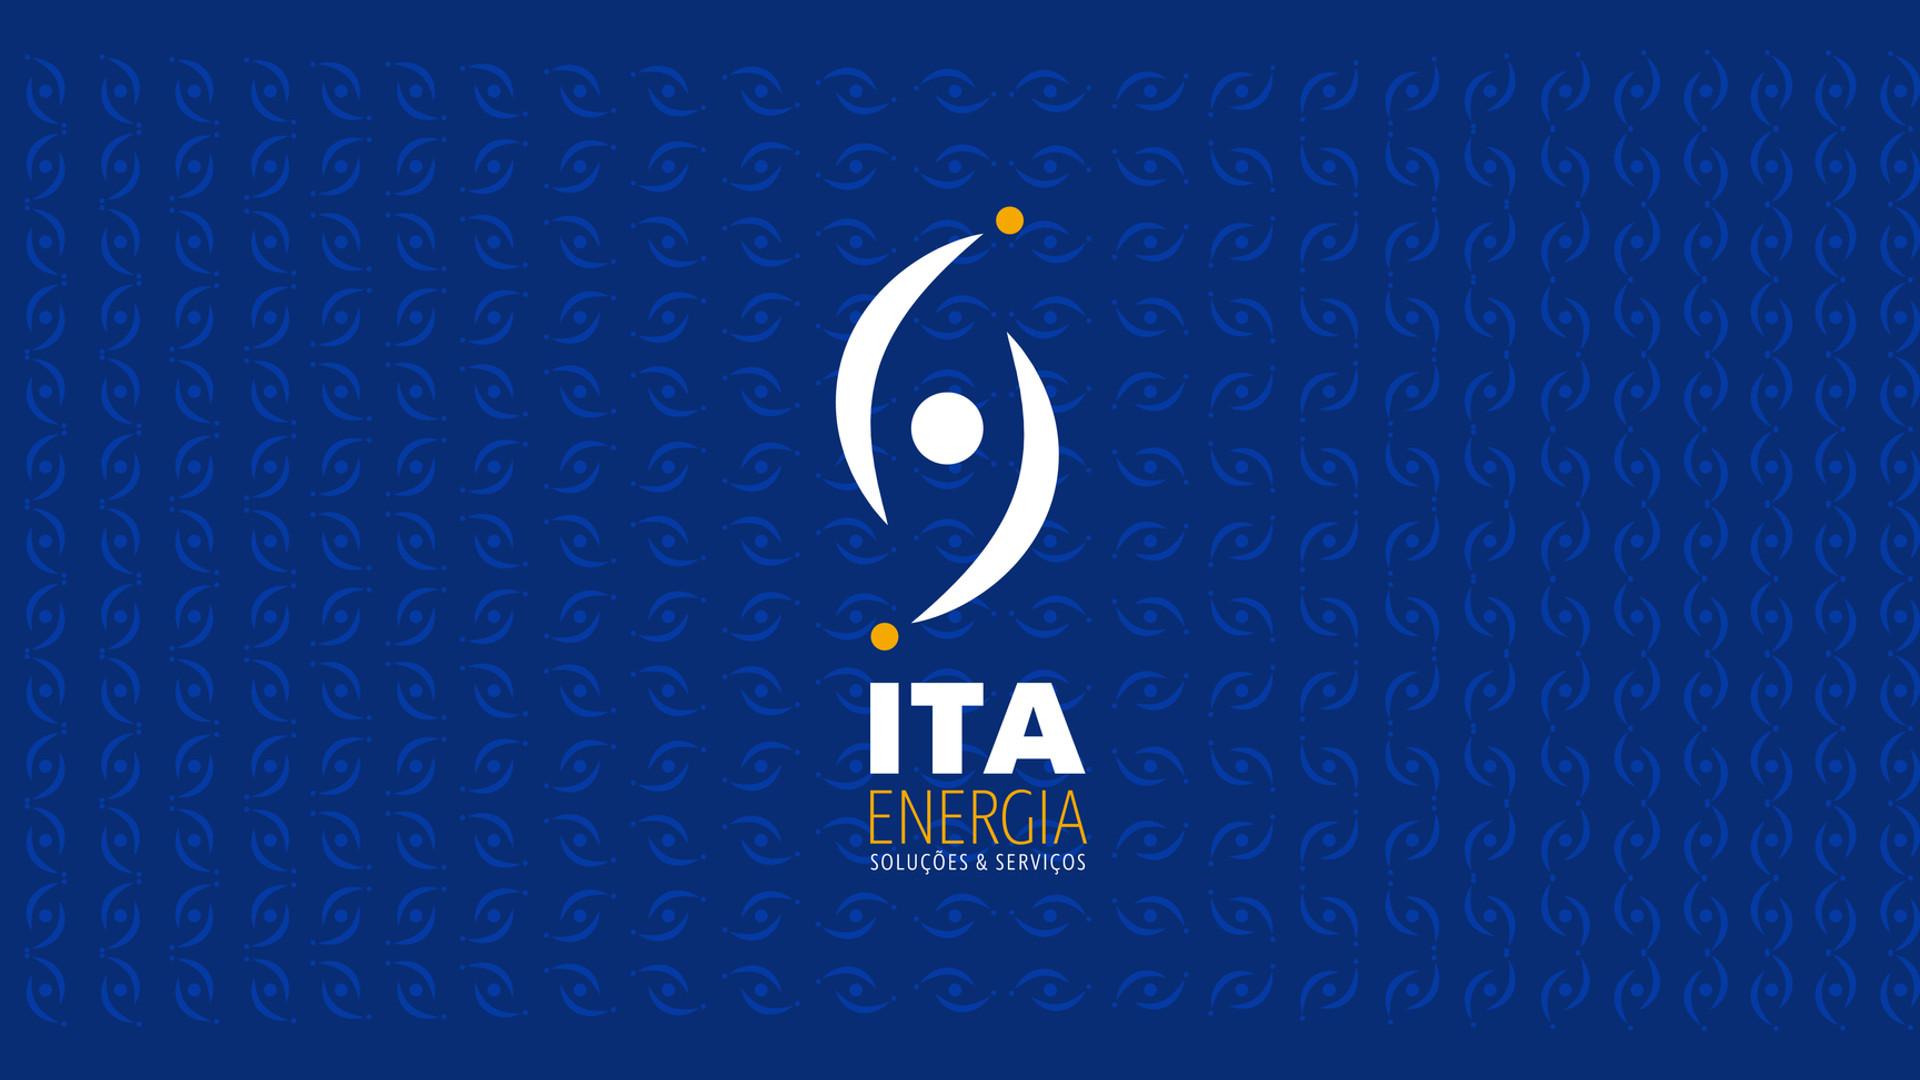 ITA Energia